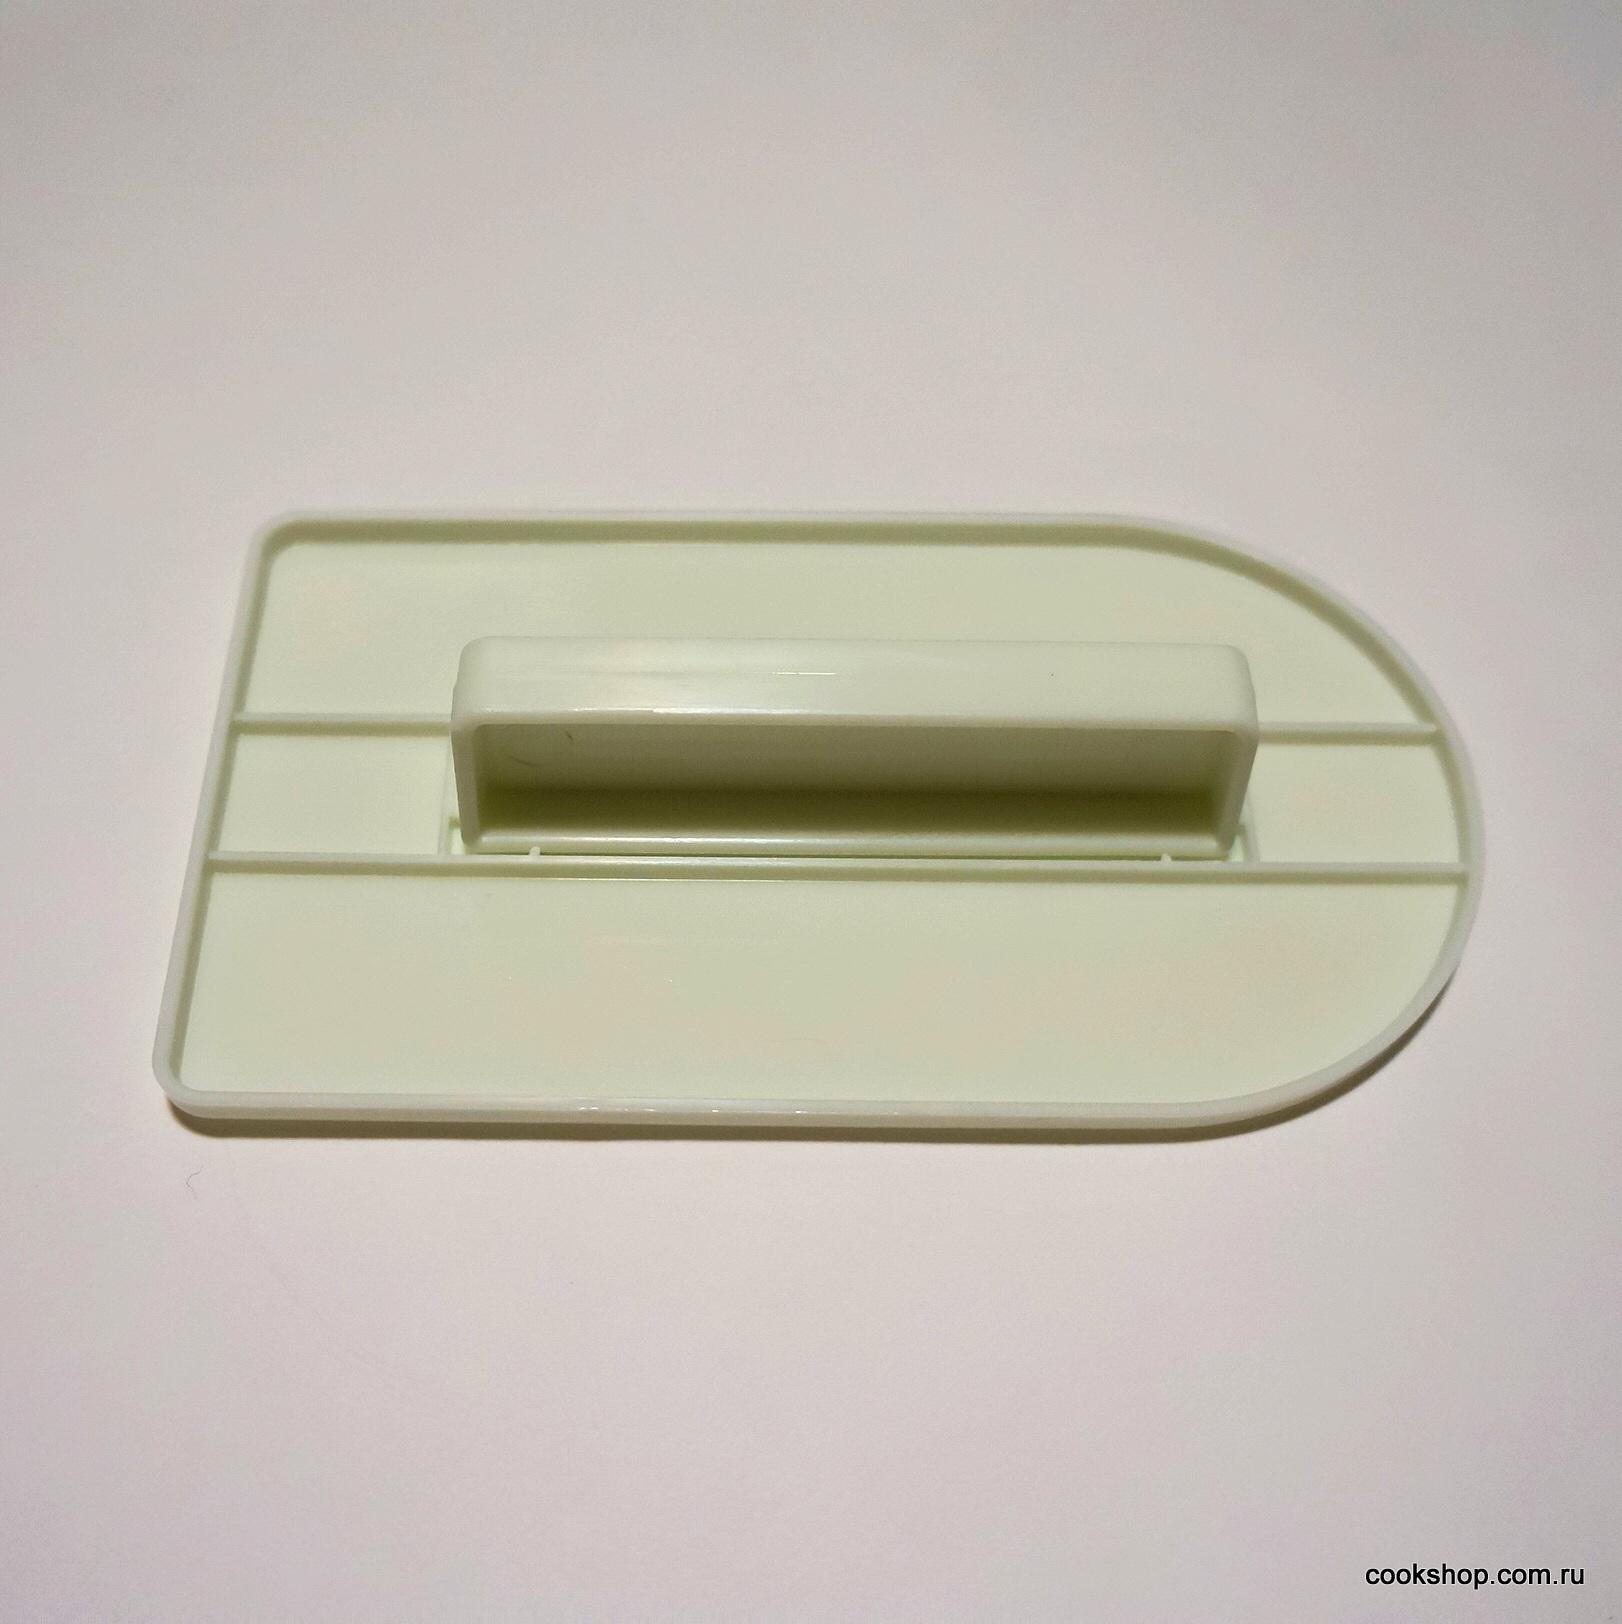 Утюжок для мастикиКопировать товар